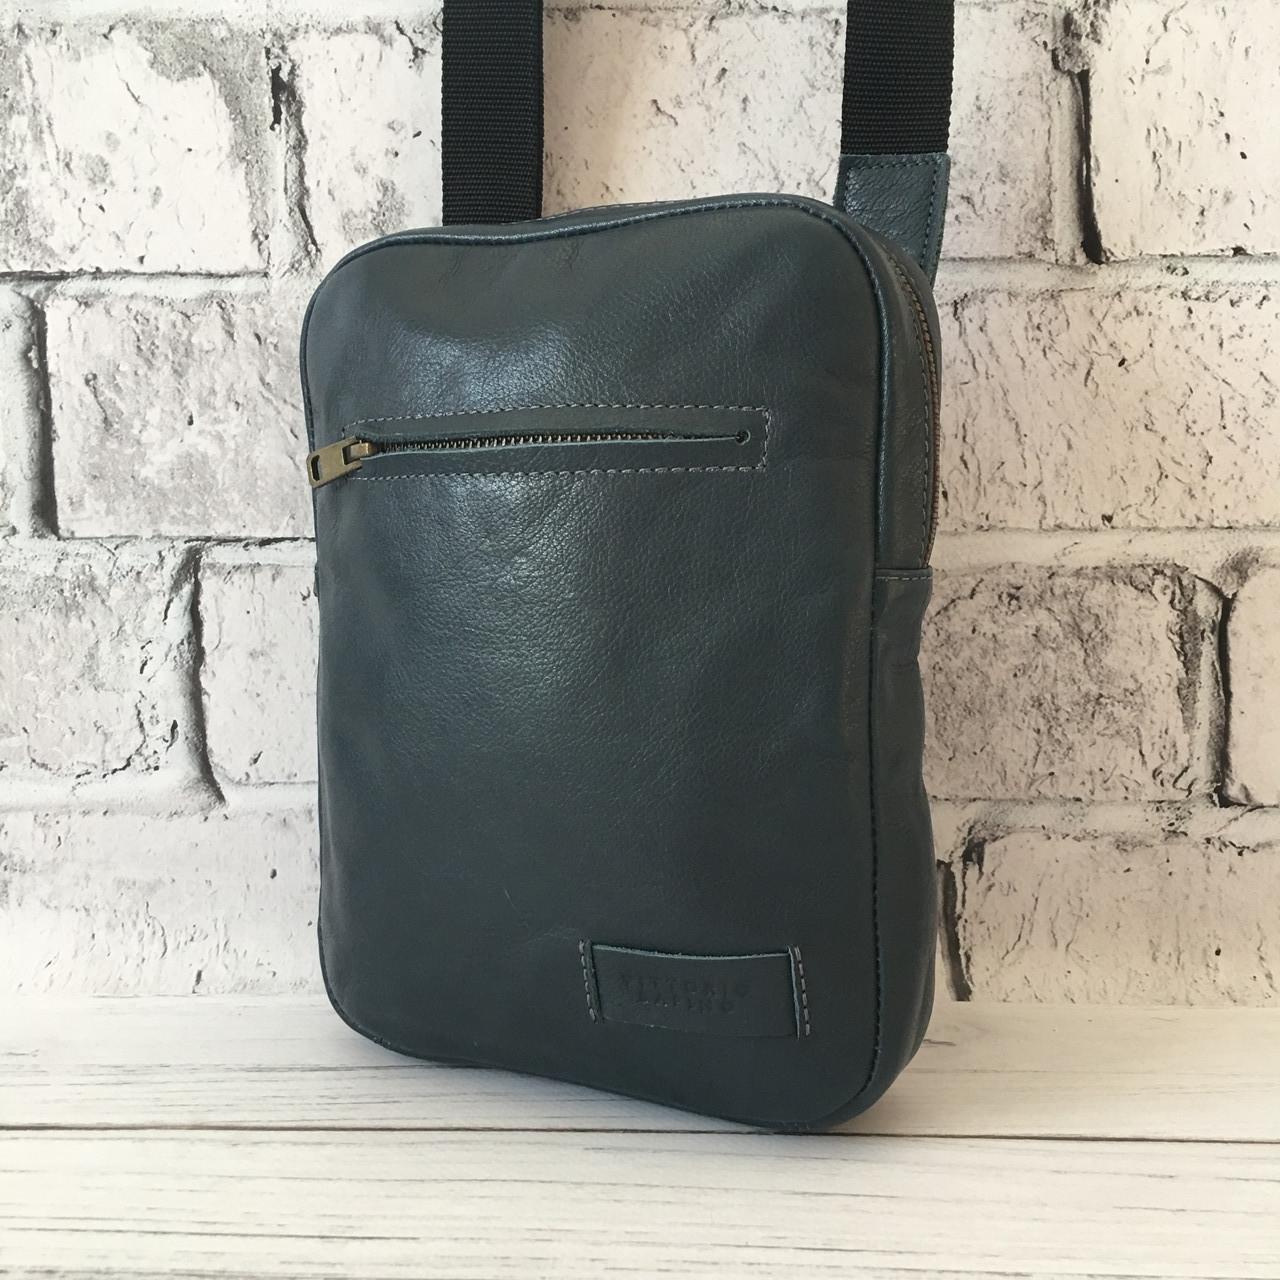 Мужская кожаная сумка Vittorio Safino барсетка, планшетка через плечо из натуральной кожи, Синяя VS 004